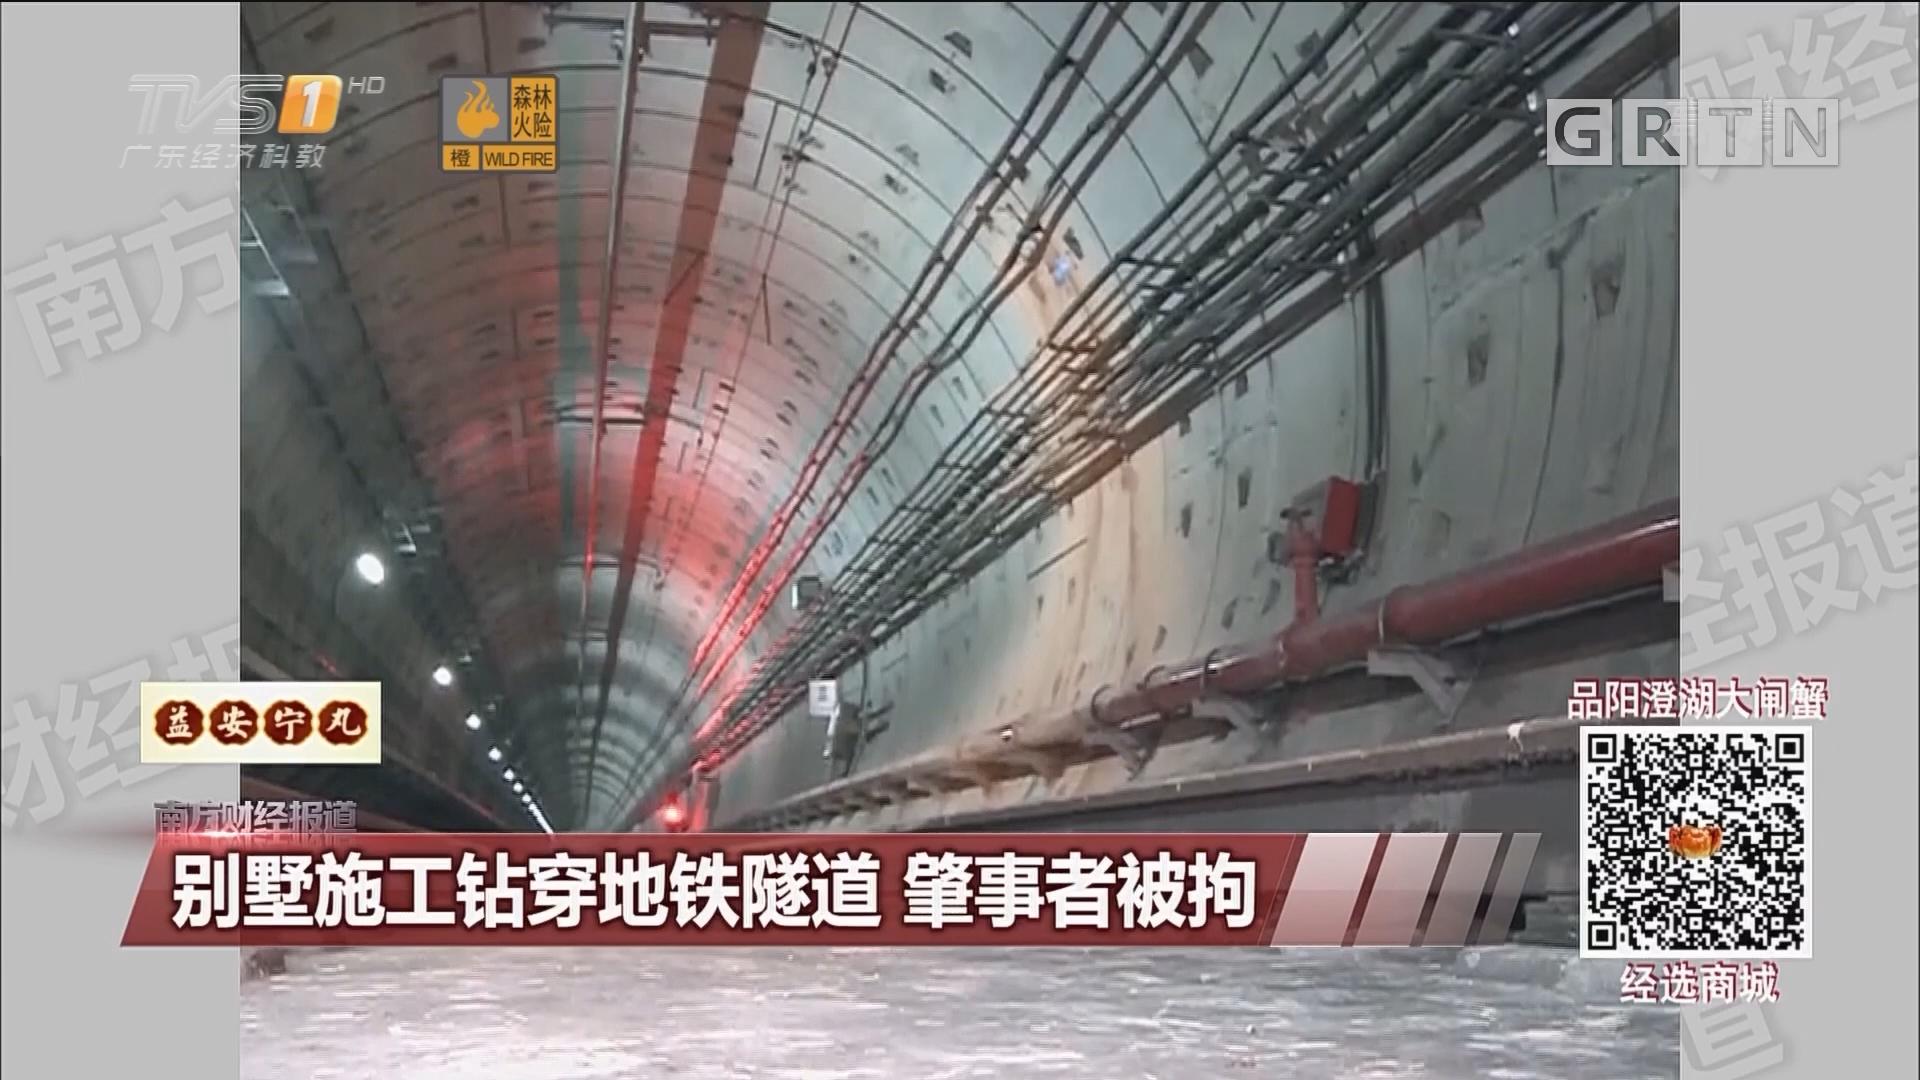 别墅施工钻穿地铁隧道 肇事者被拘